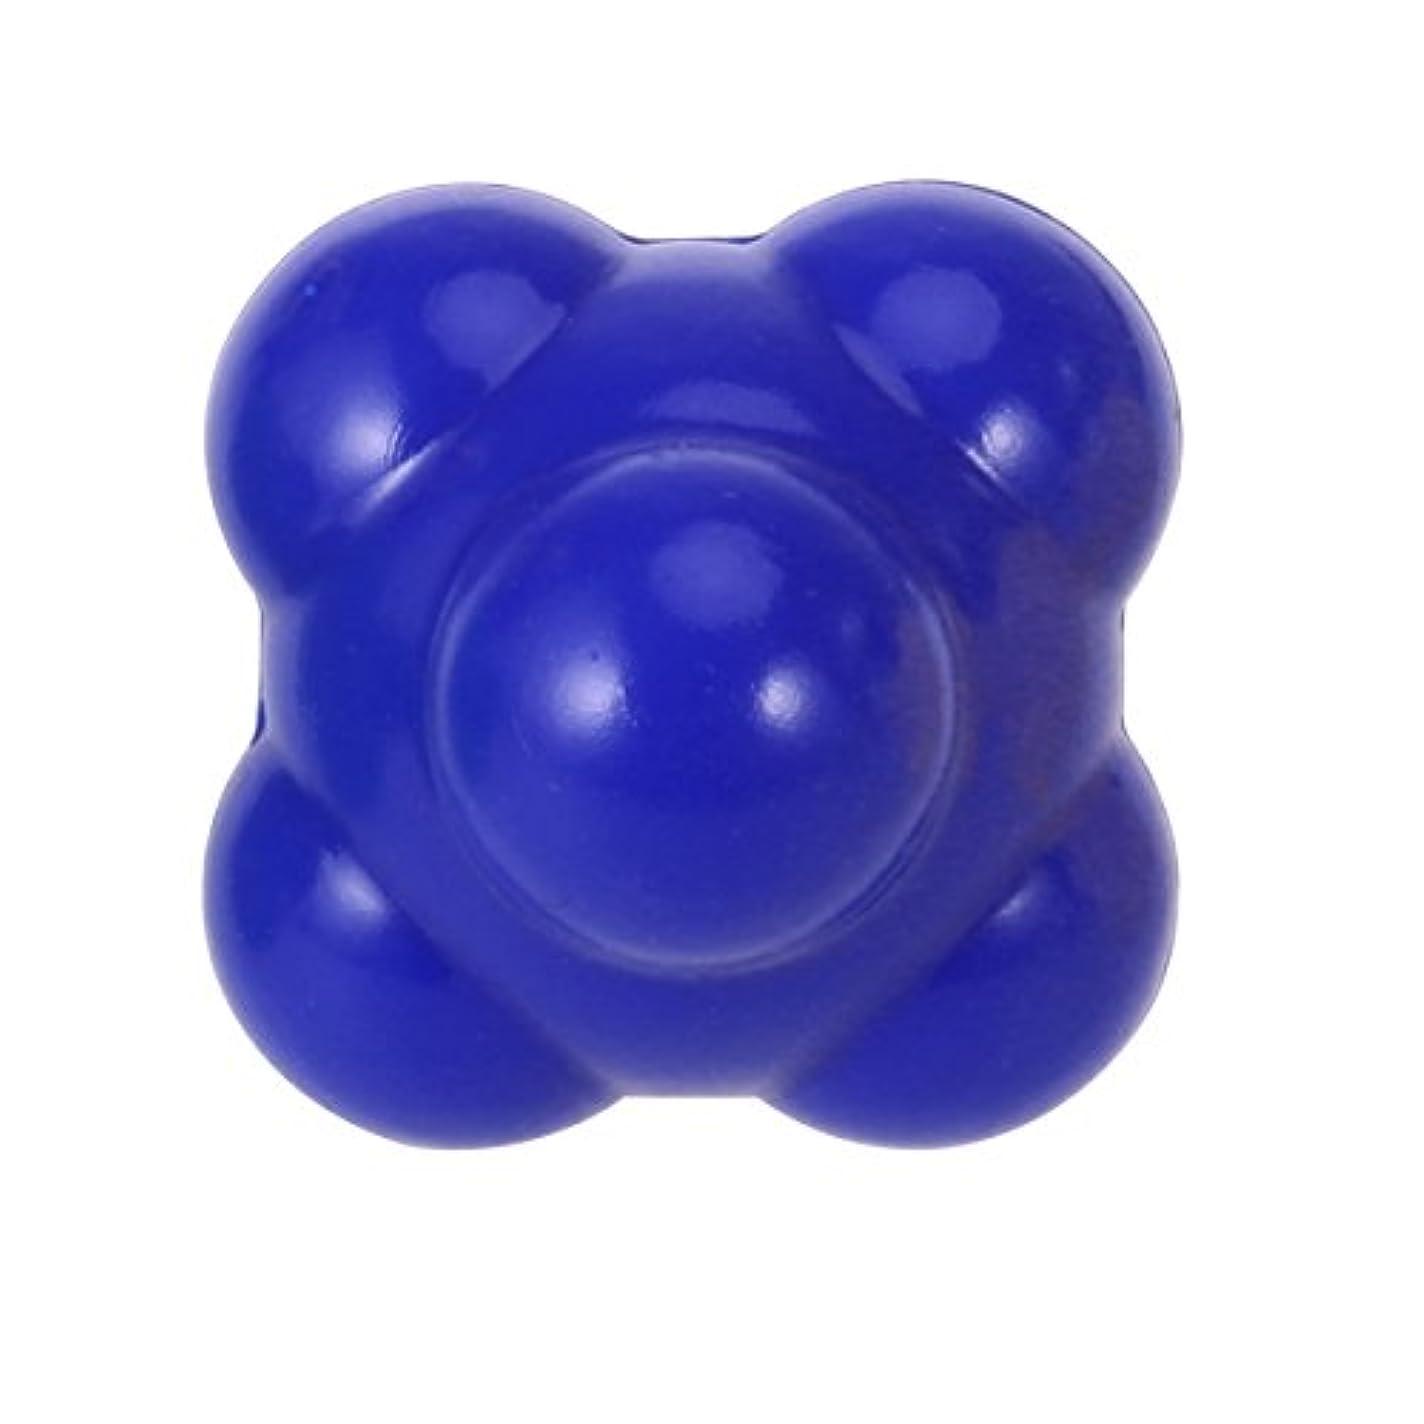 習熟度瞑想汚すROSENICE 敏捷性ボール58mm優れたハンドアイ配位の開発(ブルー)